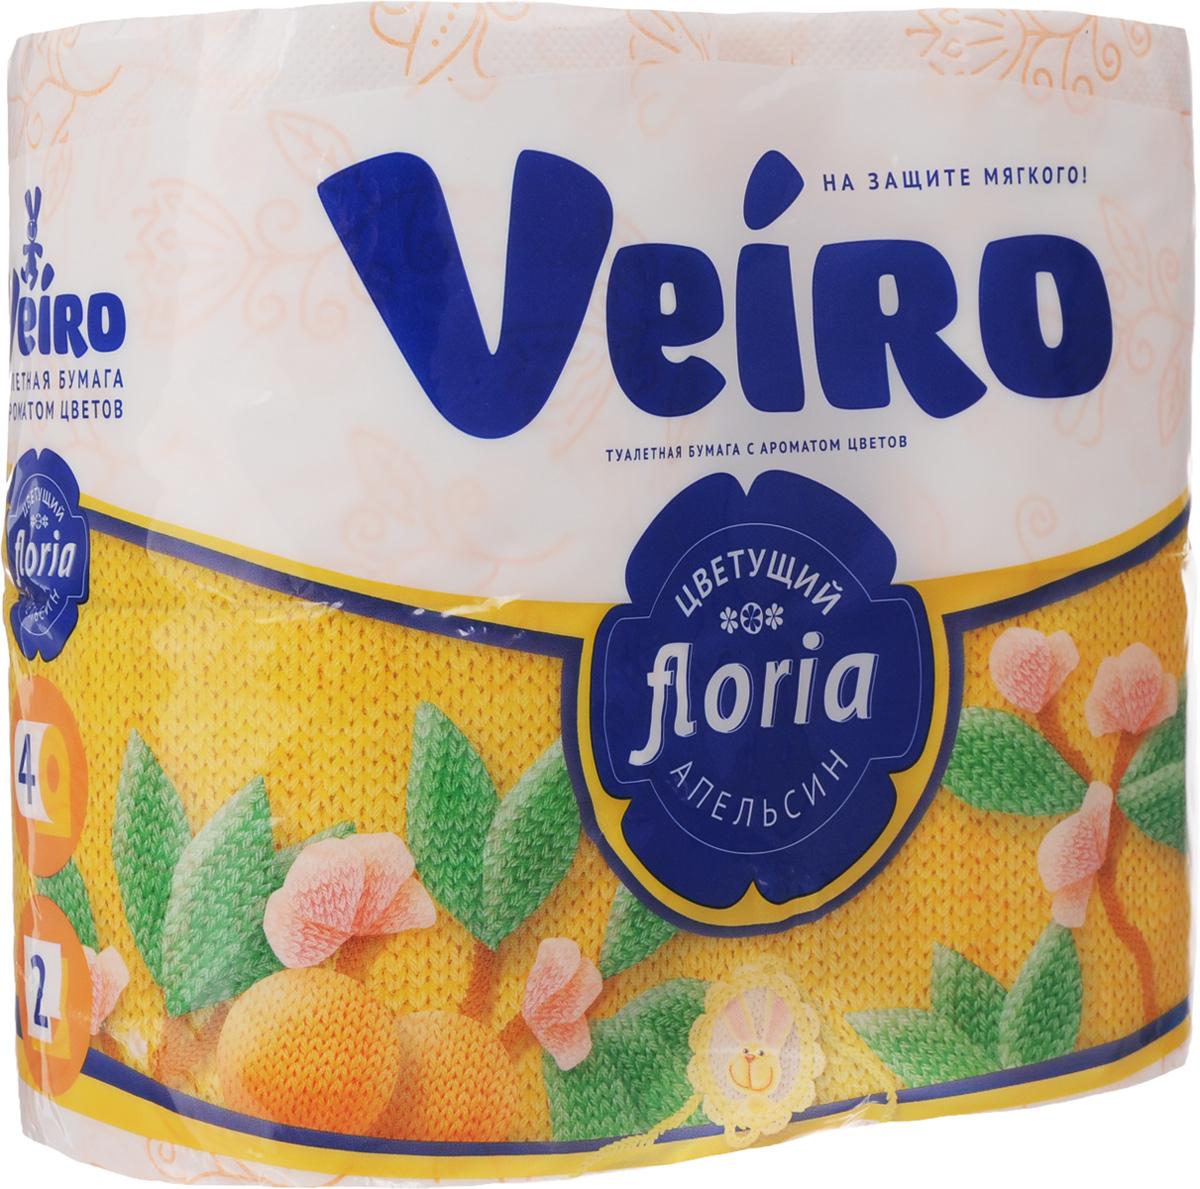 Бумага туалетная Veiro Floria. Цветущий апельсин, ароматизированная, двухслойная, 4 рулона4С24А1Ароматизированная туалетная бумага Veiro Floria. Цветущий апельсин, выполненная из натуральной целлюлозы и обладает приятным ароматом цитруса. Двухслойная туалетная бумага мягкая, нежная, но в тоже время прочная, с отрывом по линии перфорации. Листы имеют рисунок с тиснением. Длина рулона: 21,9 м. Количество слоев: 2. Размер листа: 12,5 х 9,6 см. Состав: 100% целлюлоза.